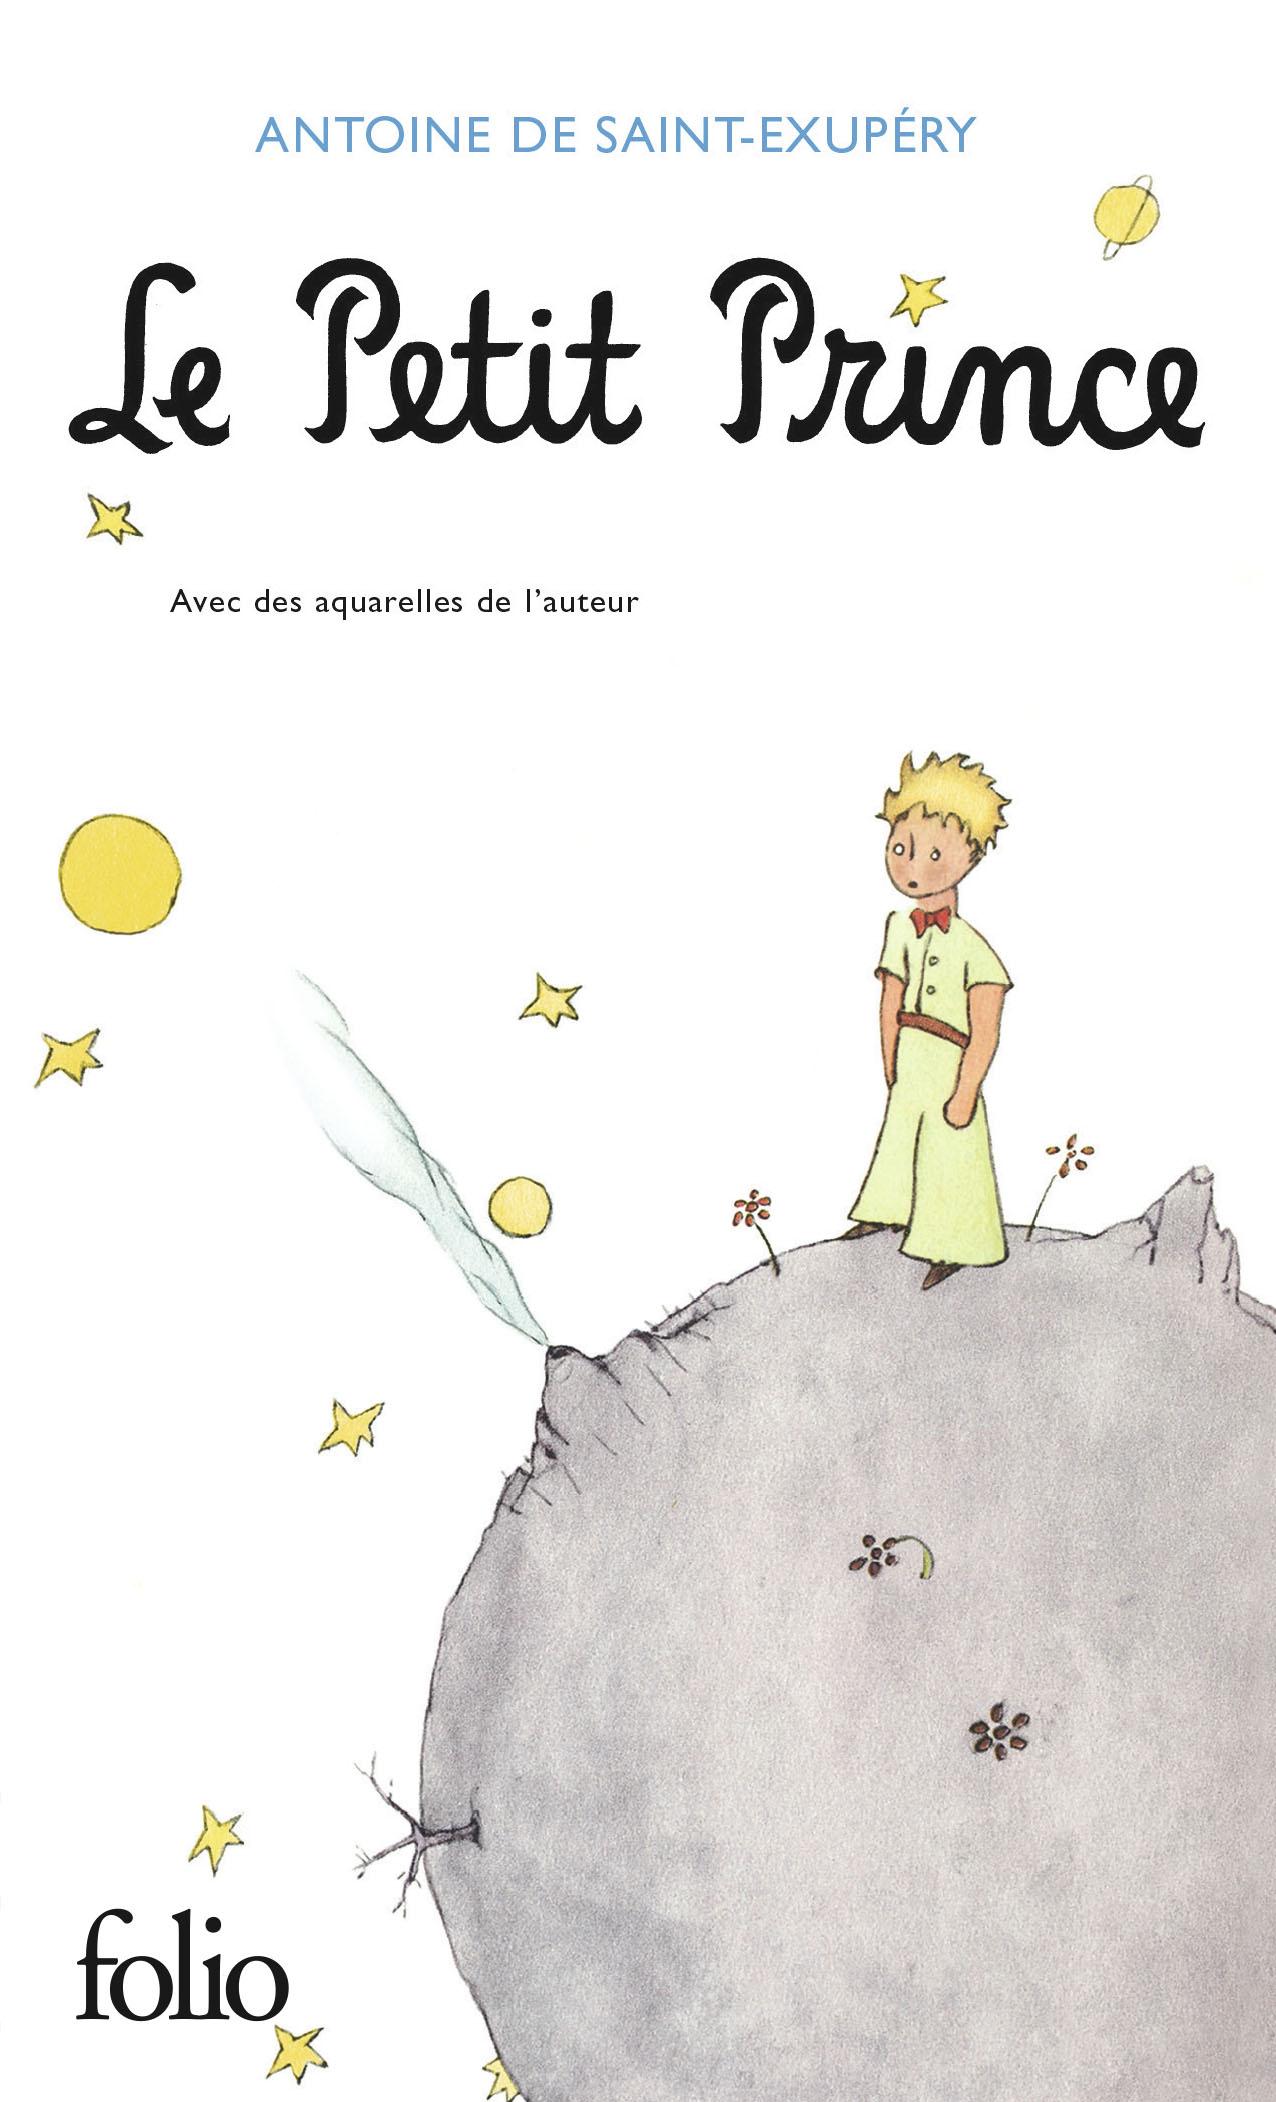 Le Petit Prince by Antoine de Saint-Exupery